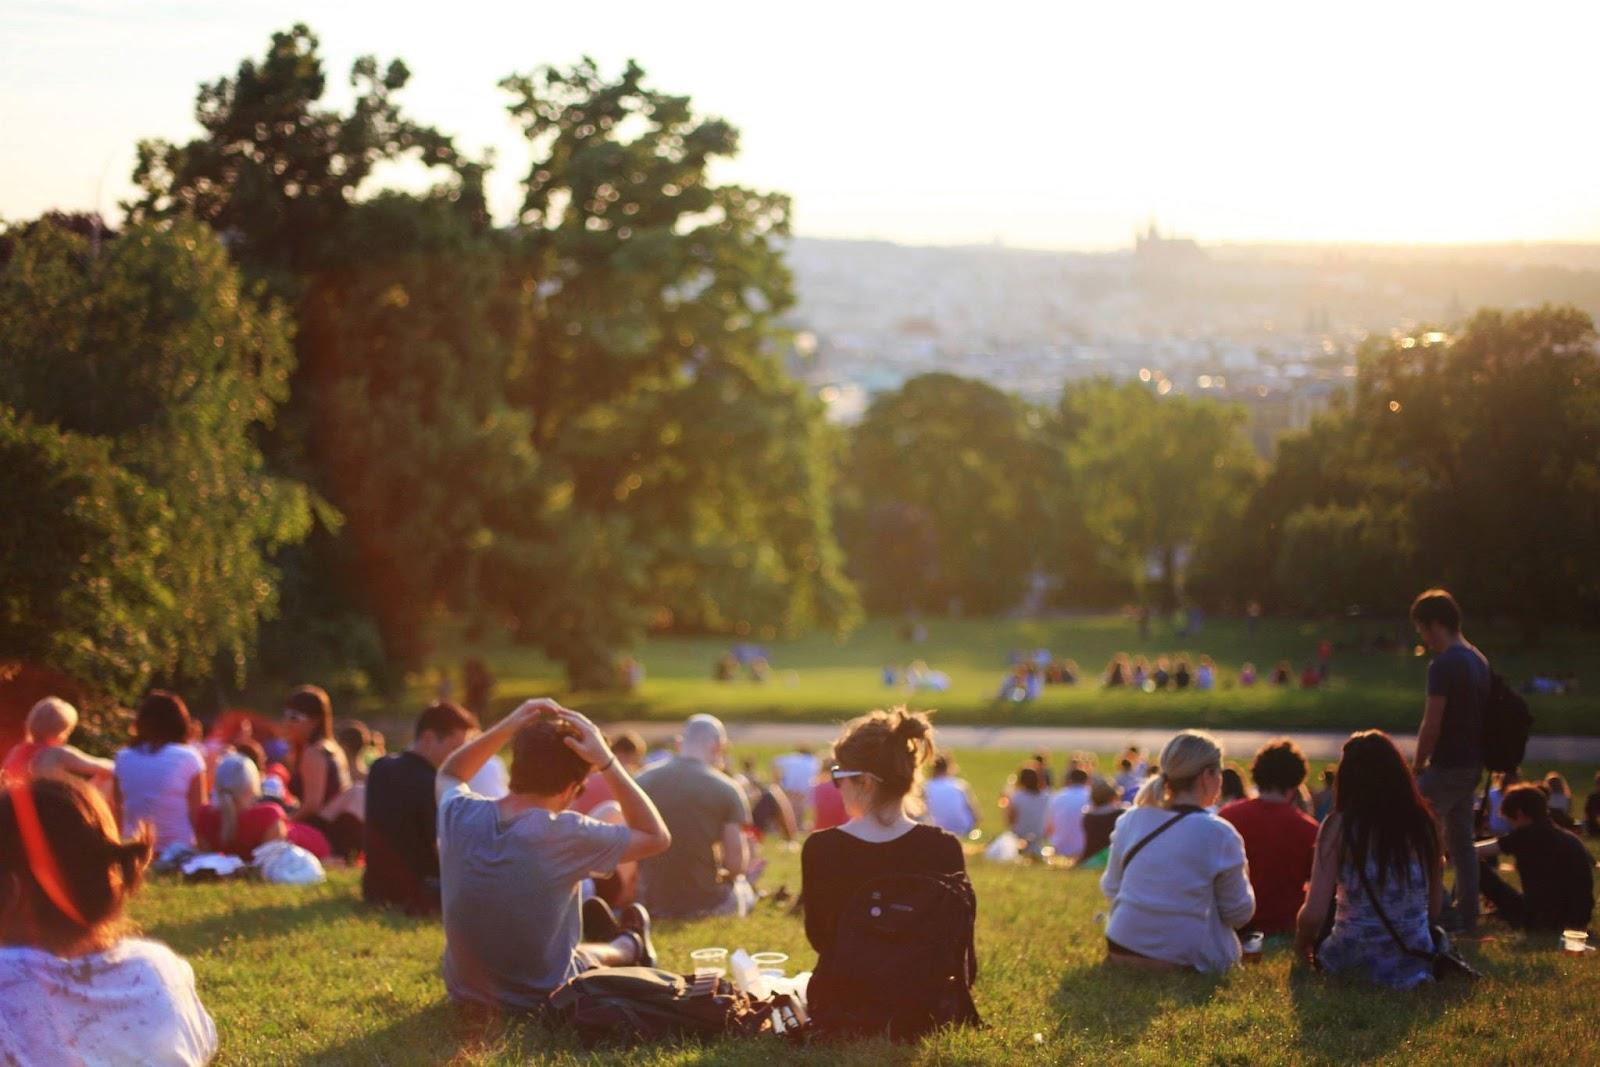 Khuyến khích trẻ tham gia hoạt động ngoài trời